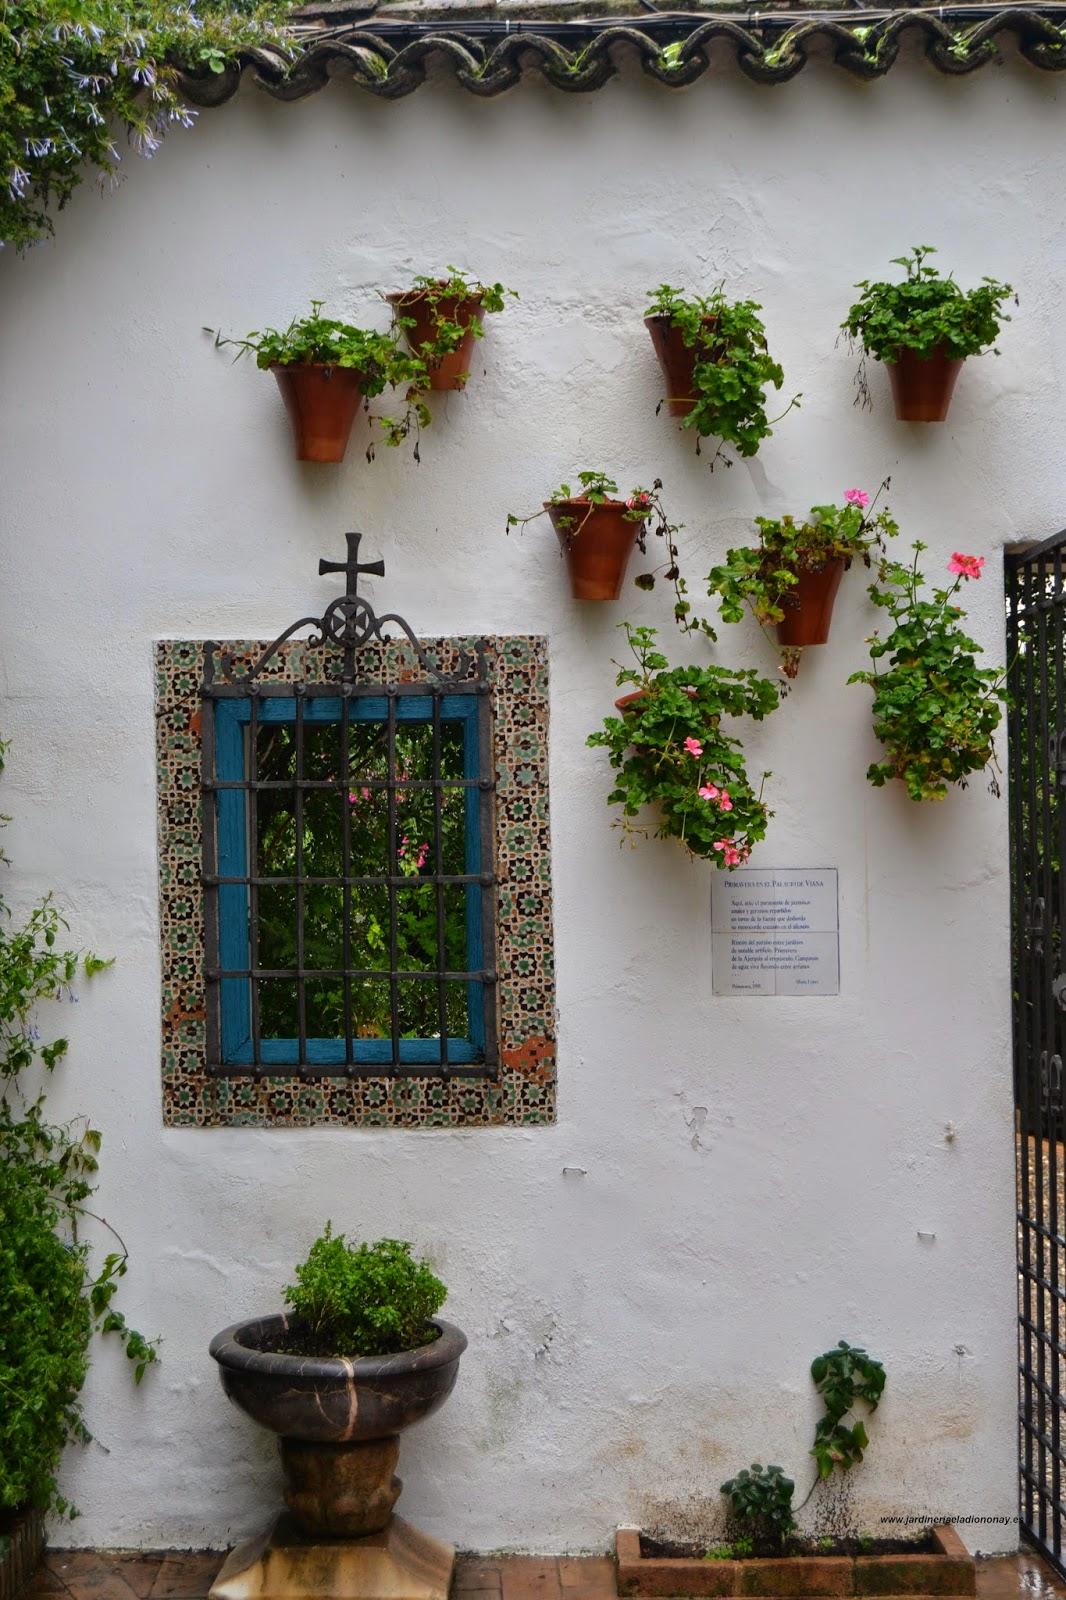 Jardineria eladio nonay macetas con una gracia especial - Jardineria eladio nonay ...